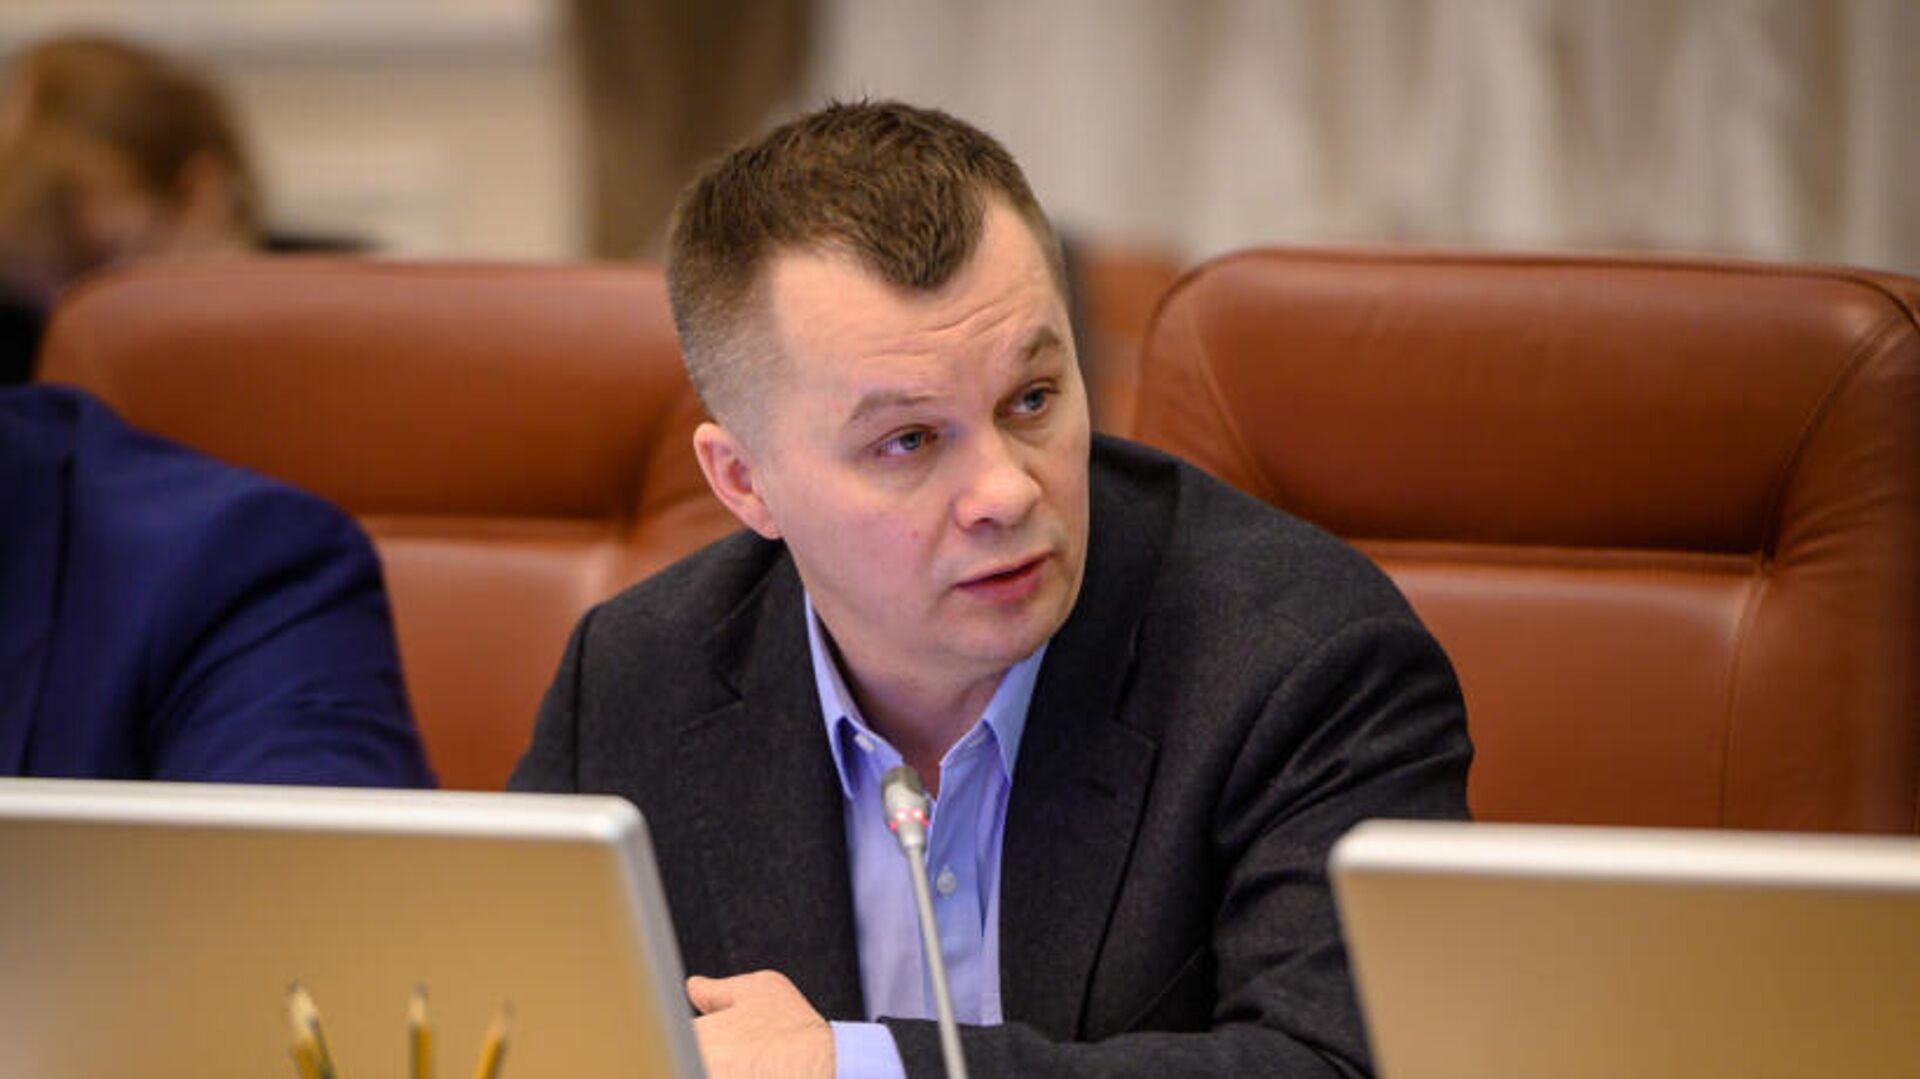 Министр развития экономики, торговли и сельского хозяйства Украины Тимофей Милованов - РИА Новости, 1920, 15.02.2021